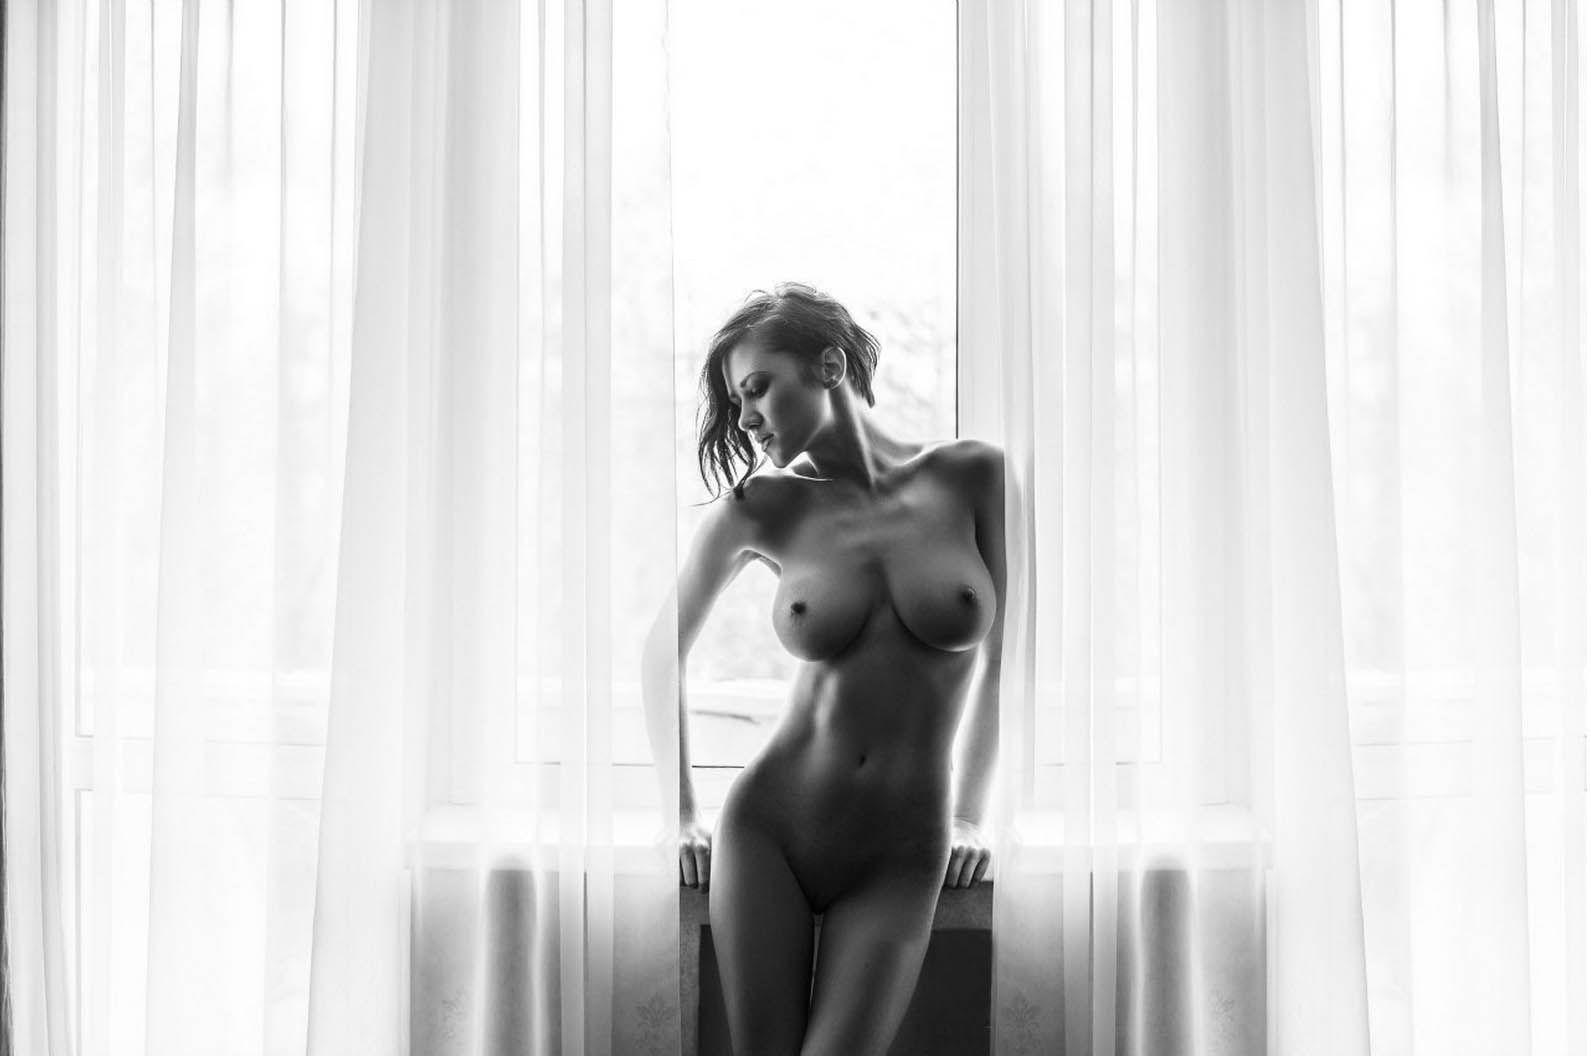 krasivoe-foto-erotika-kartinki